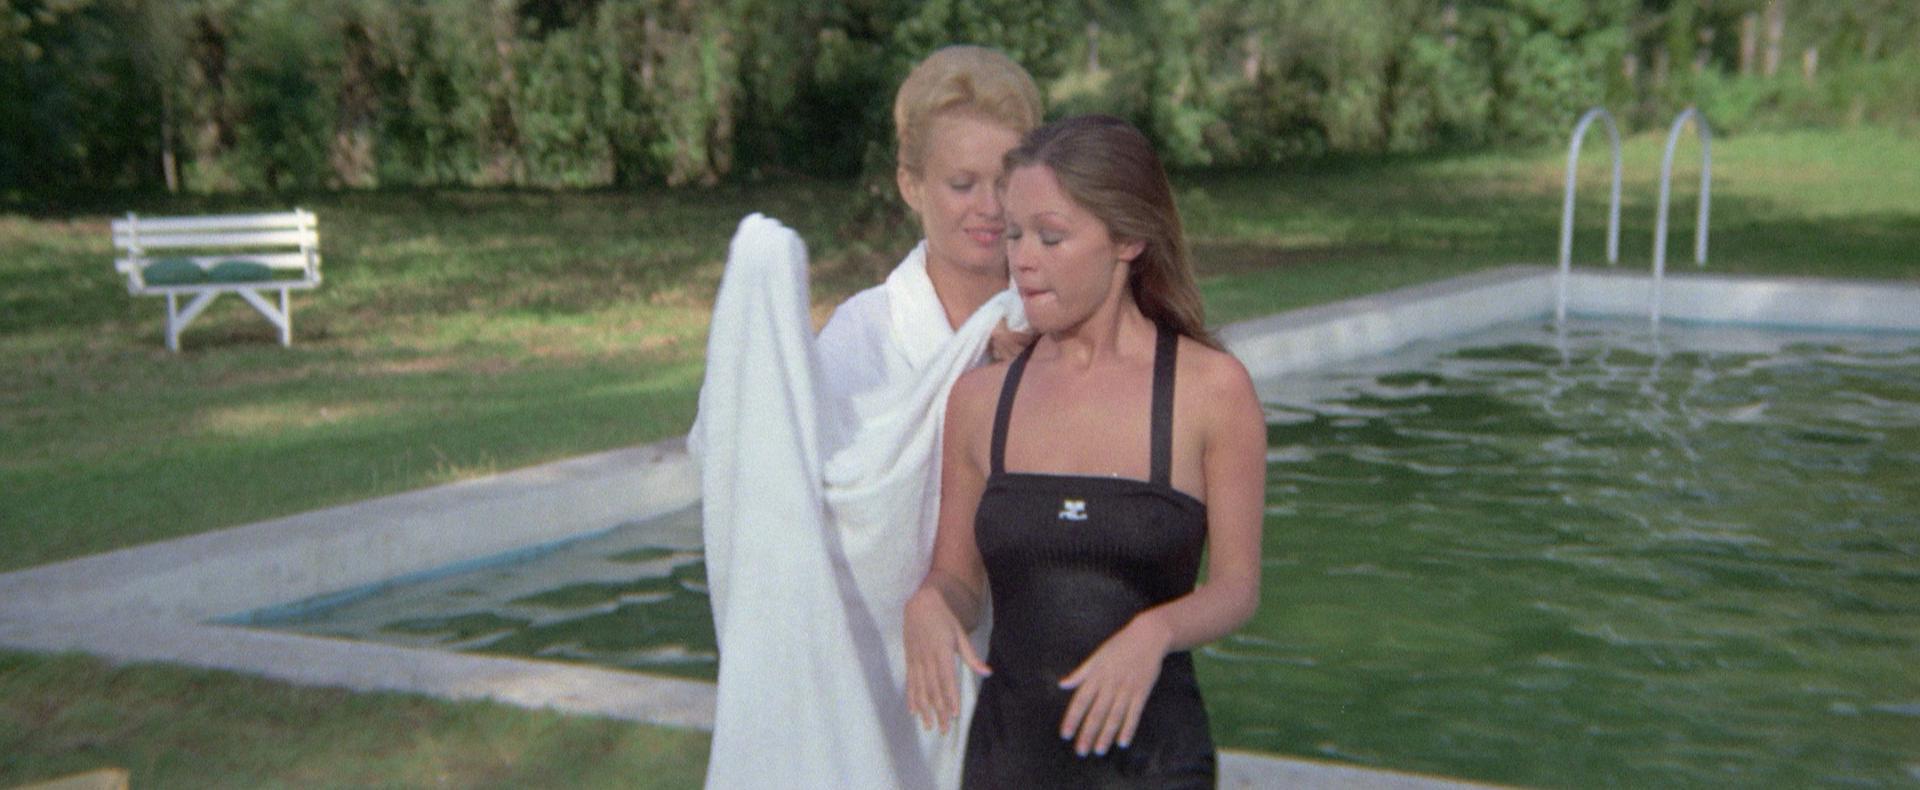 Marisol and Jean Seberg in La corrupción de Chris Miller (1973)